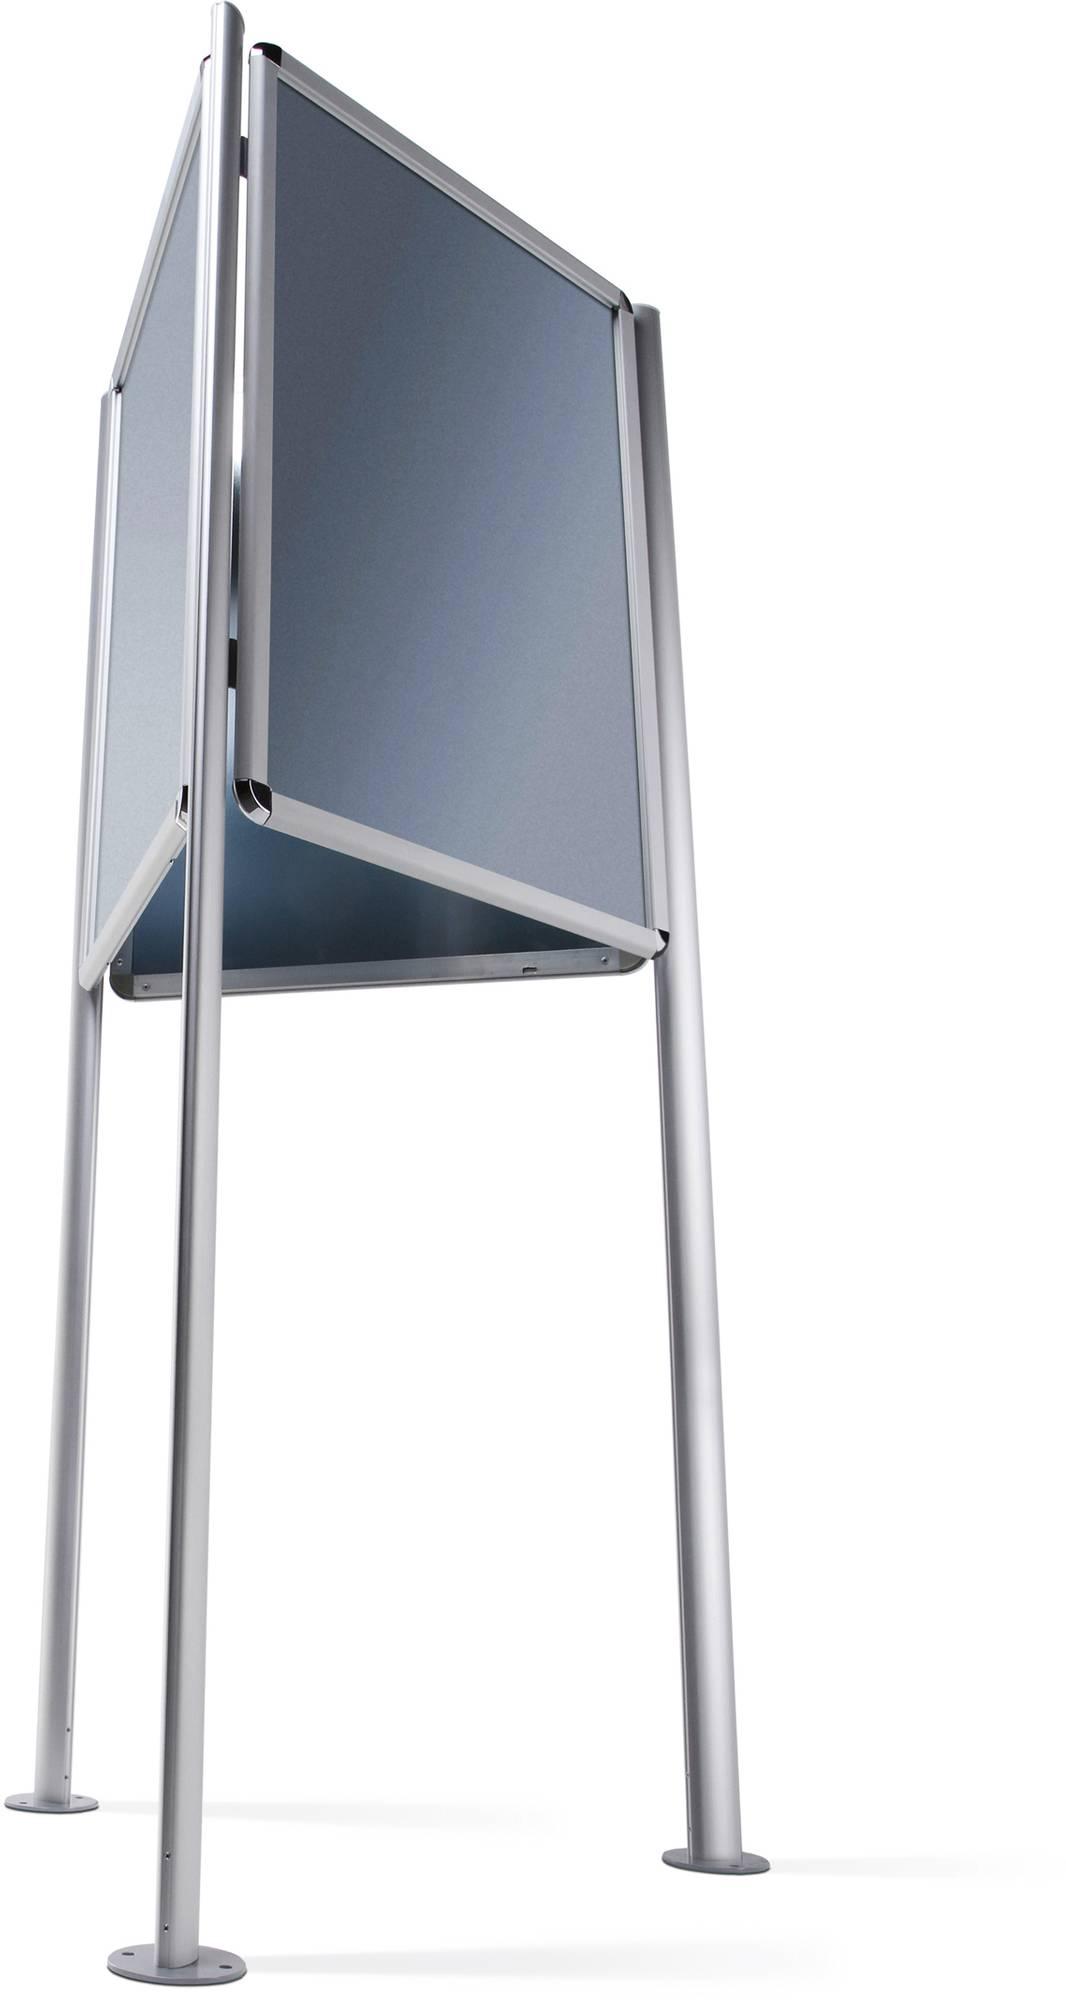 Dreieckständer 'Triboard' im A0 Format mit 3 Standfüßen mit vorgebohrten Bodenplatten